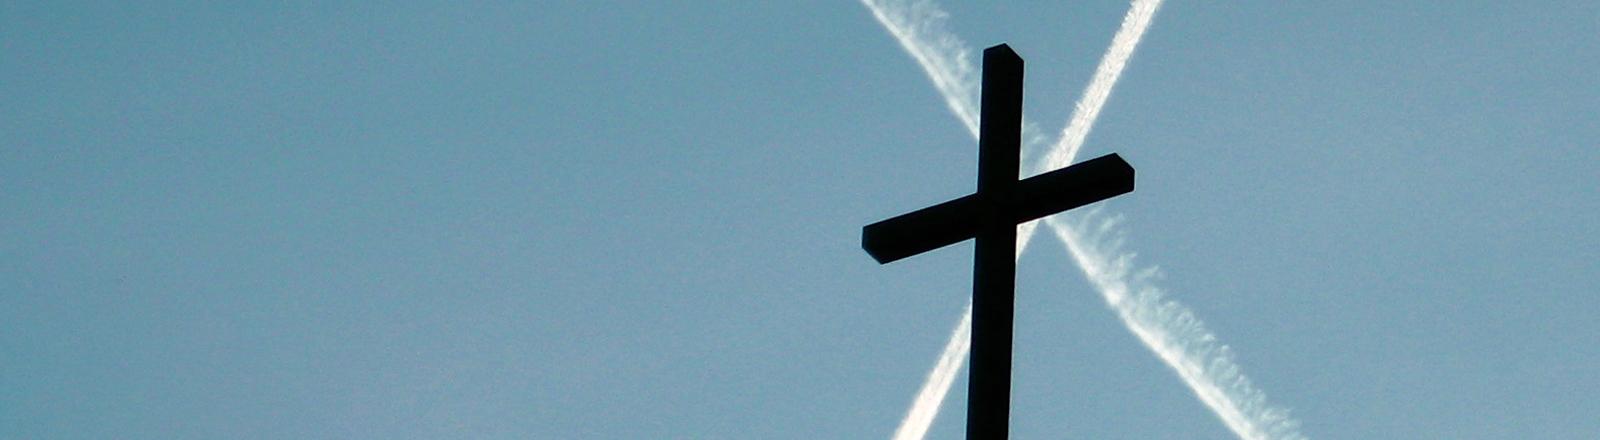 Eine Kirche ein Kreuz vor Chemtrails. Symbolbild für konservative Verschwörungstheoretischer.